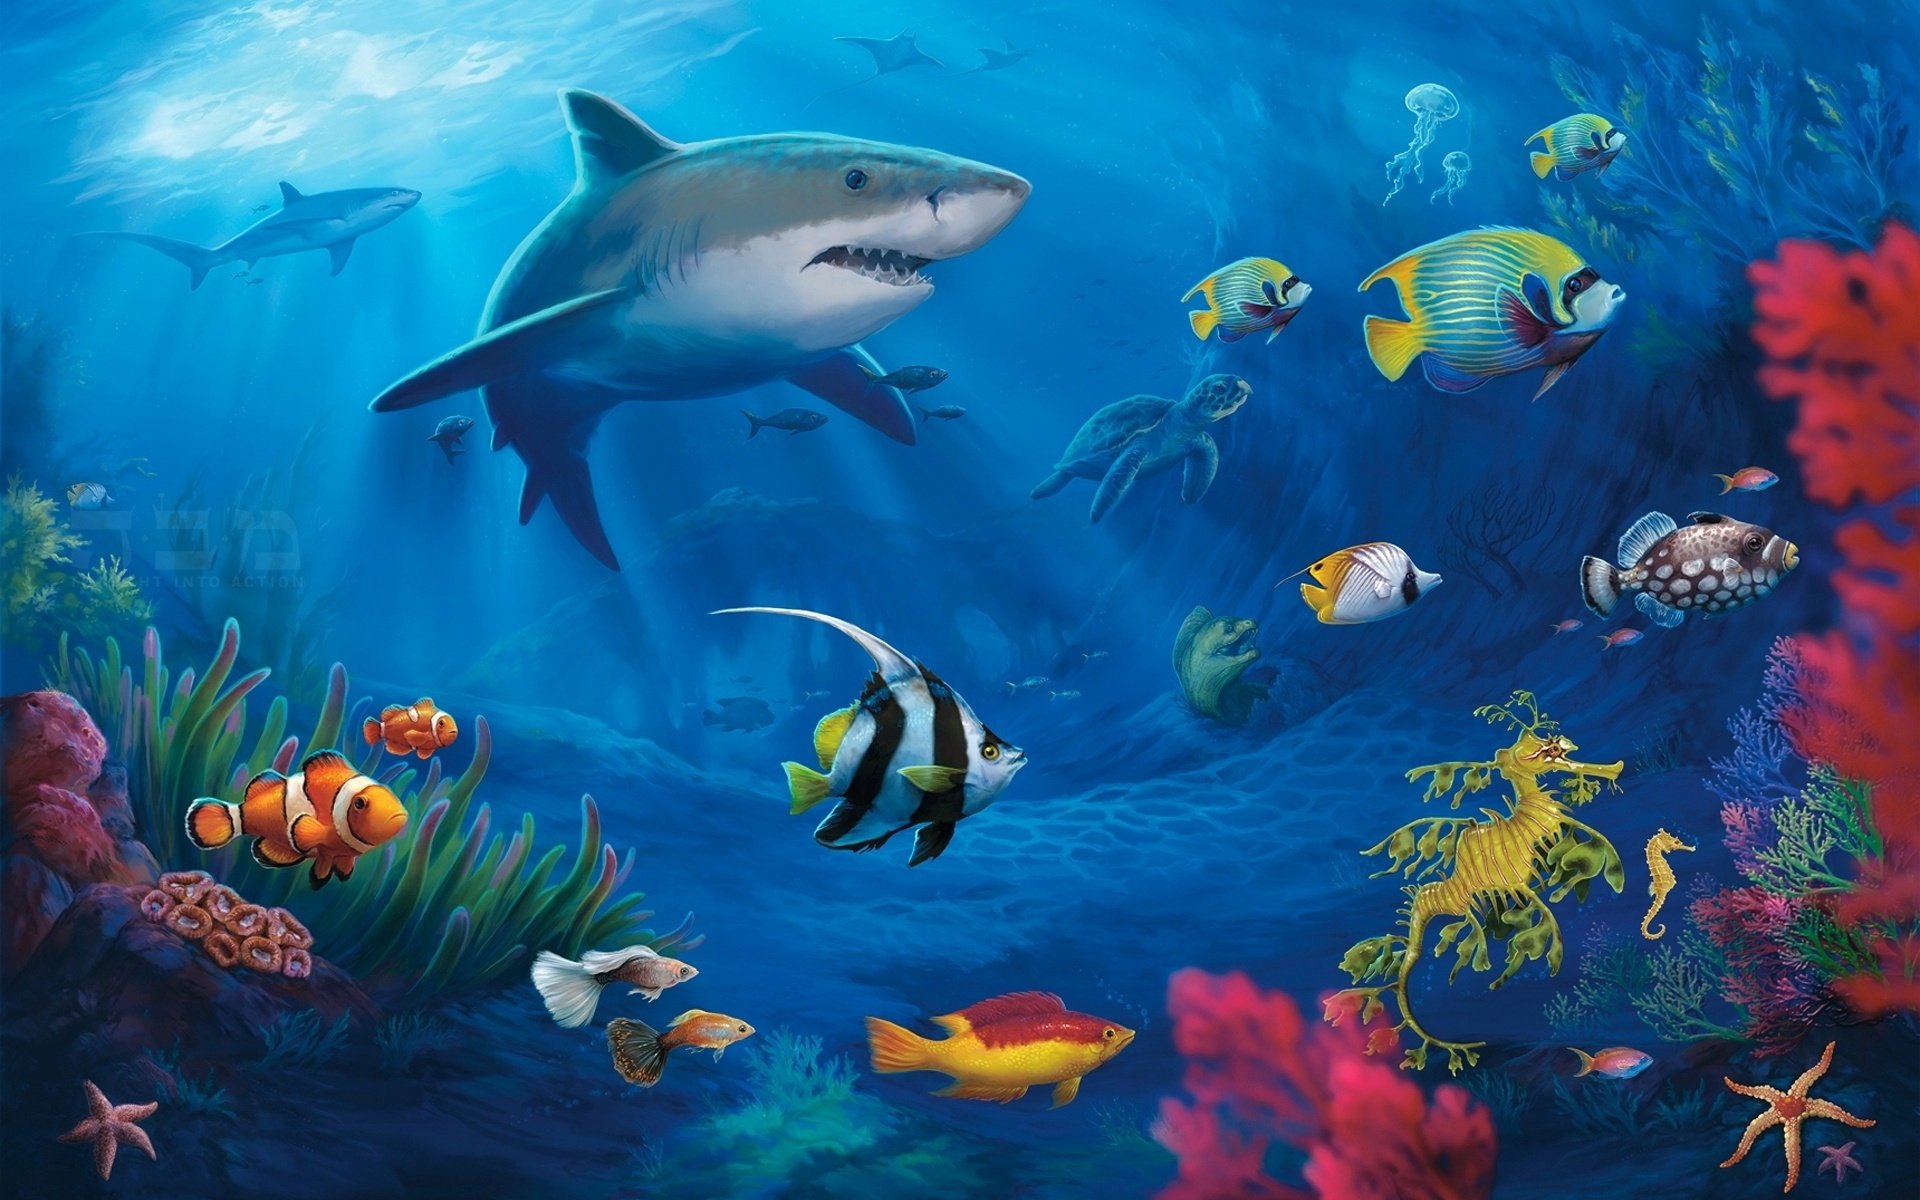 Monde sous-marin, les requins fonds d'écran - 1920x1200